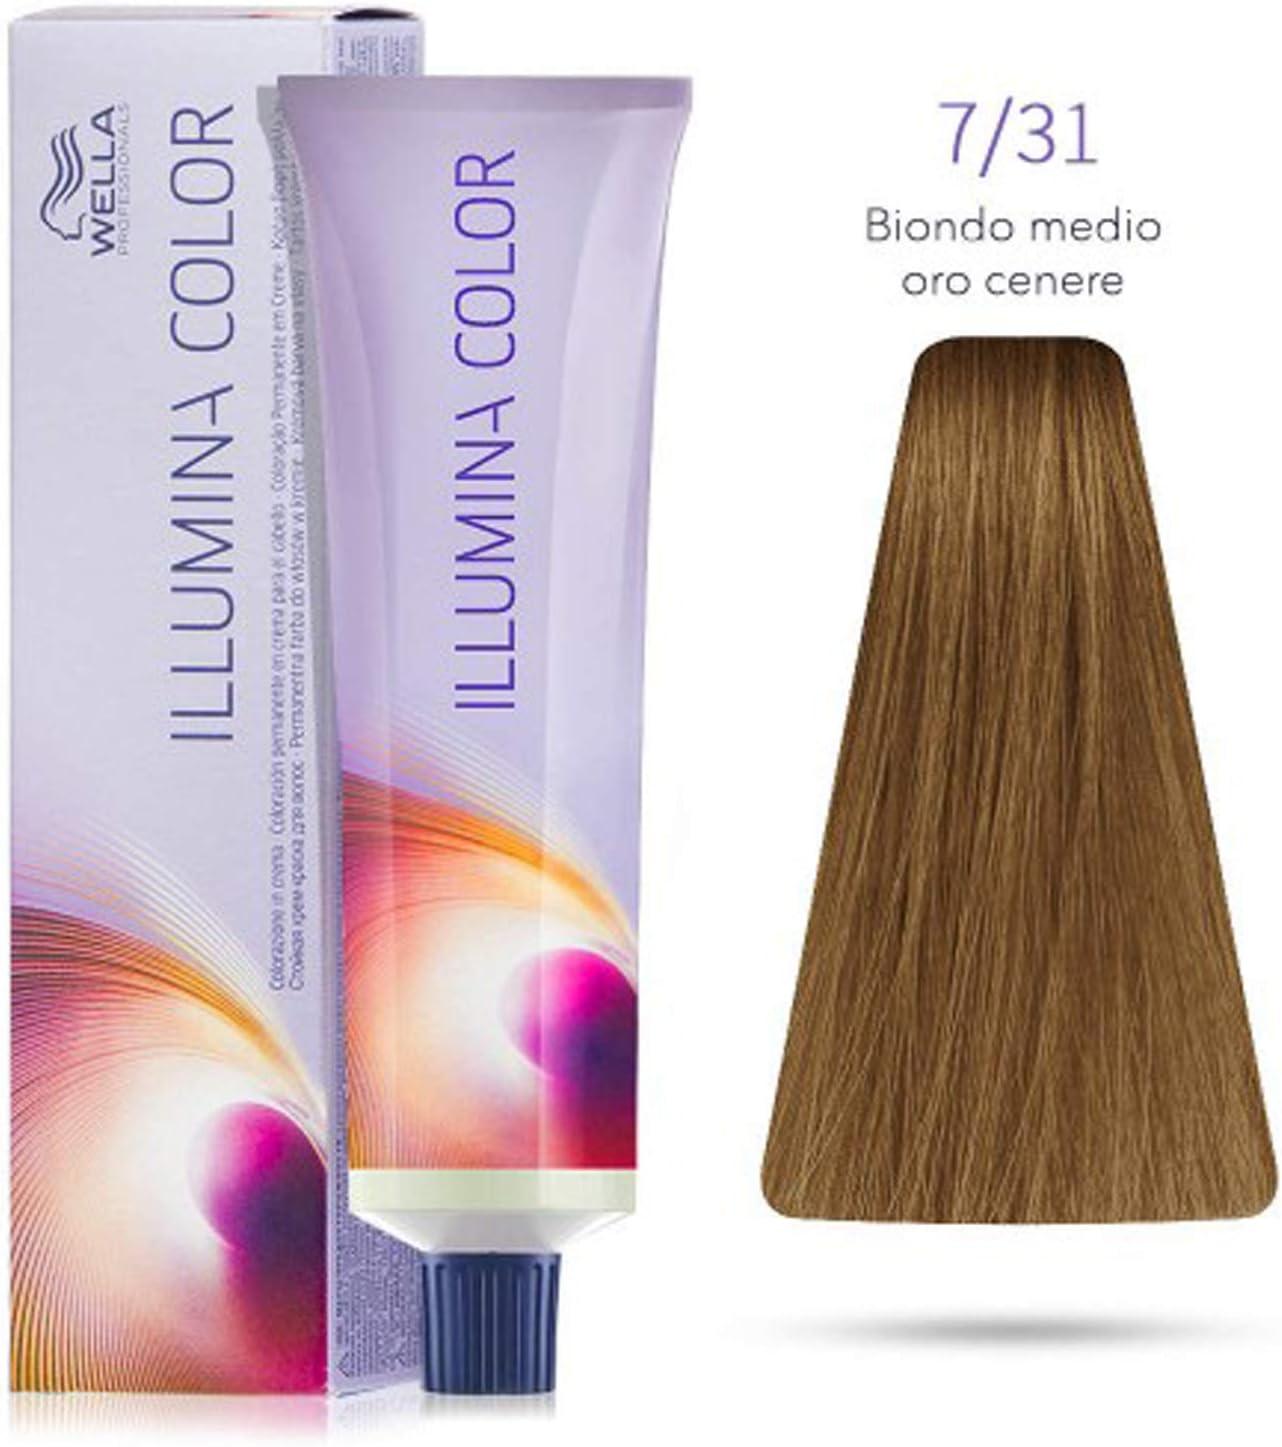 Illumina Color Wella 9/60 10/1 8/7/31 7/7/7/3 8/38 Rubio ...